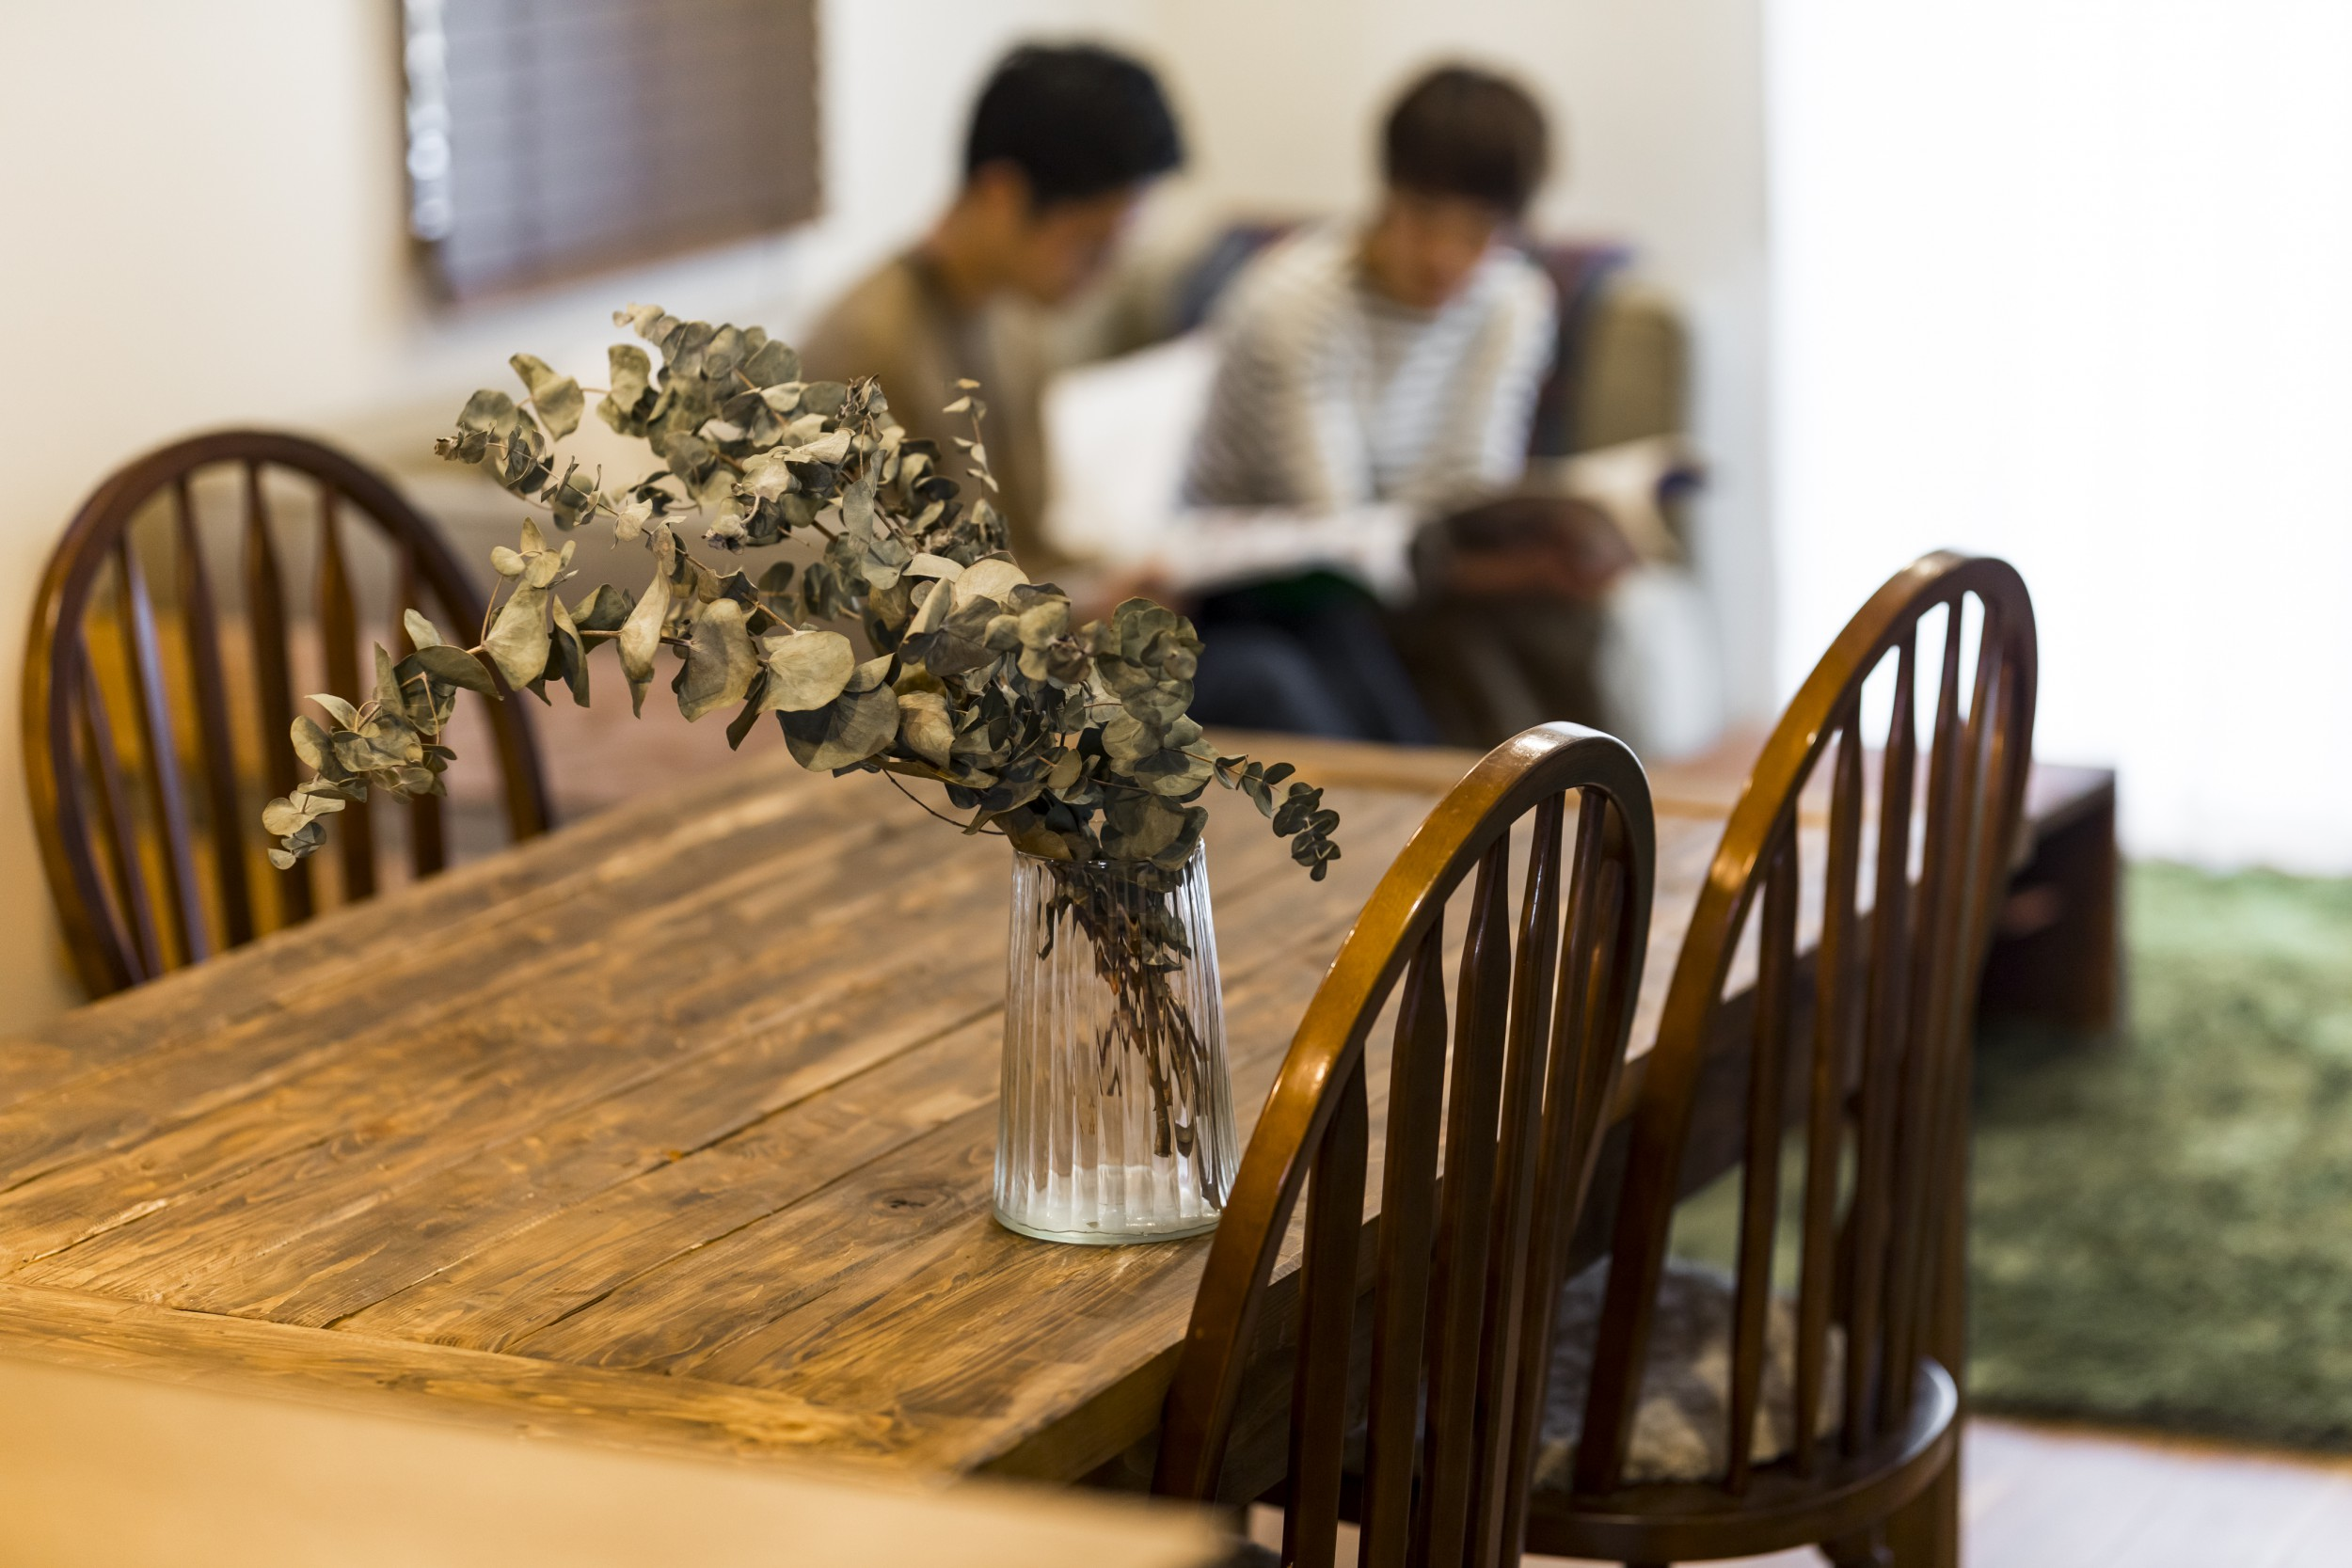 岐阜市H様邸のリノベーション事例のダイニングテーブル